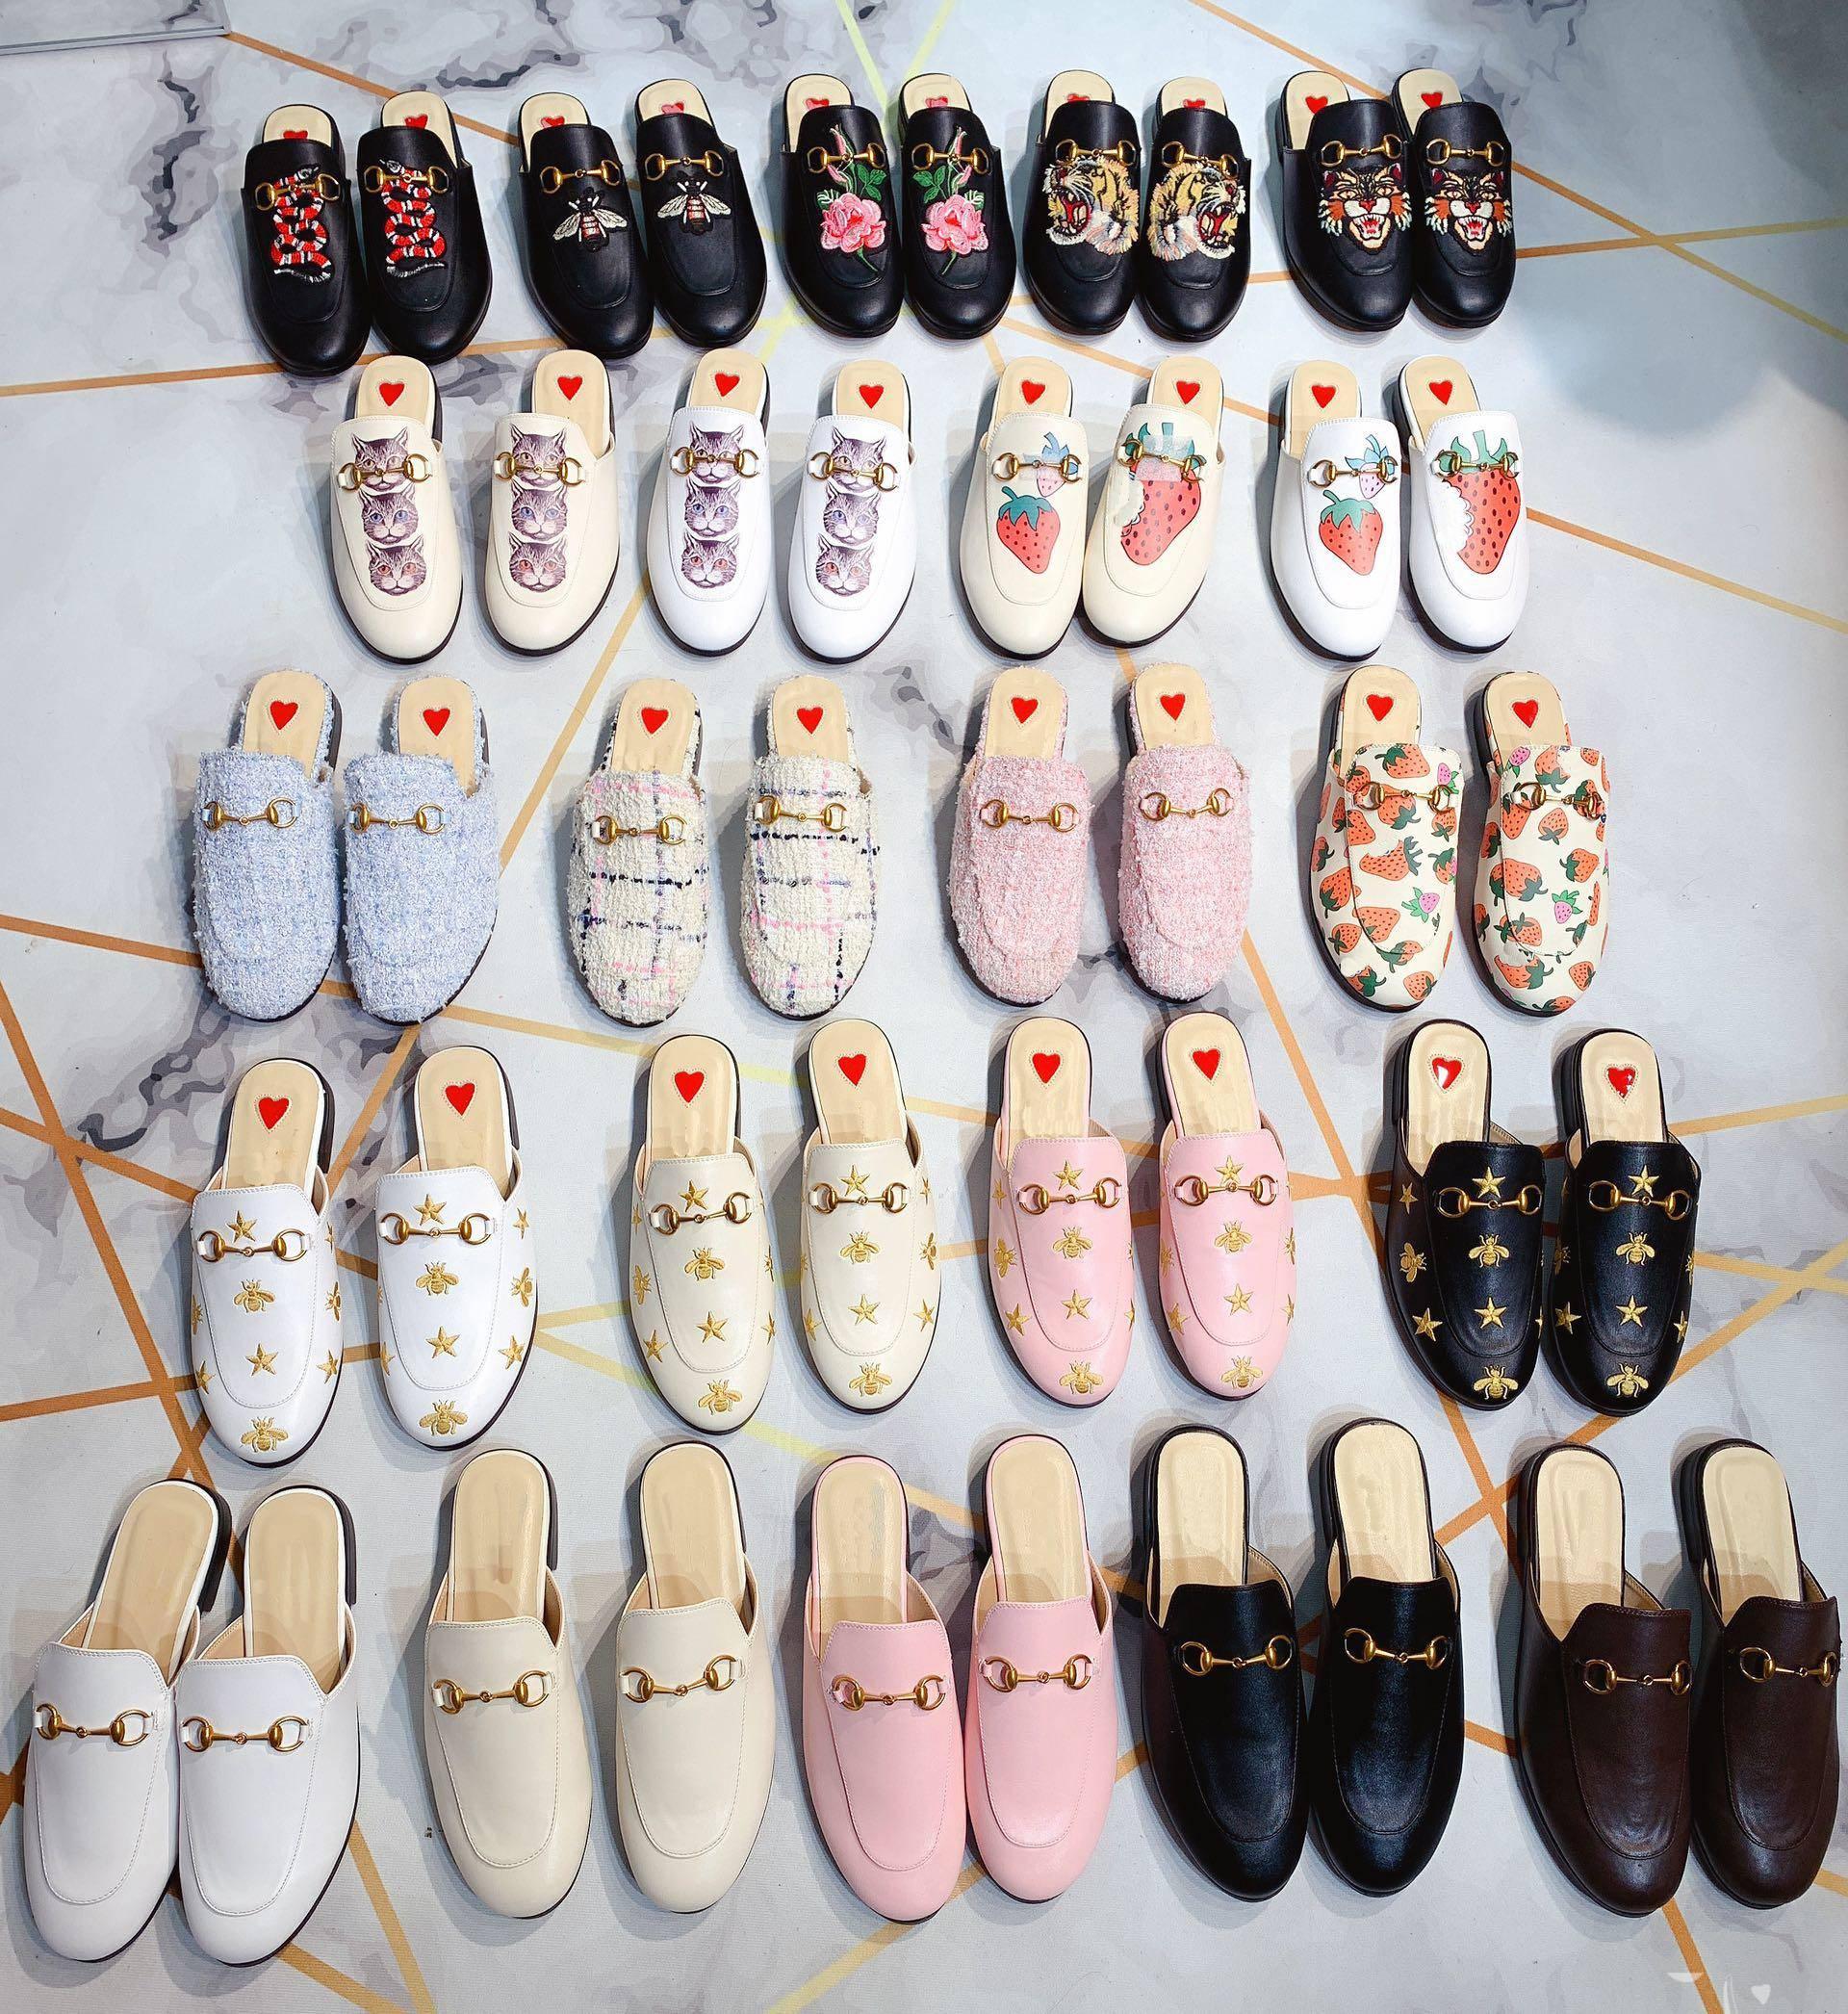 2019 femmes concepteur oisif sandales blanc noir Princetown mules avec mors Slipper chats pantoufle chaîne en métal boîte aux fraises brodés